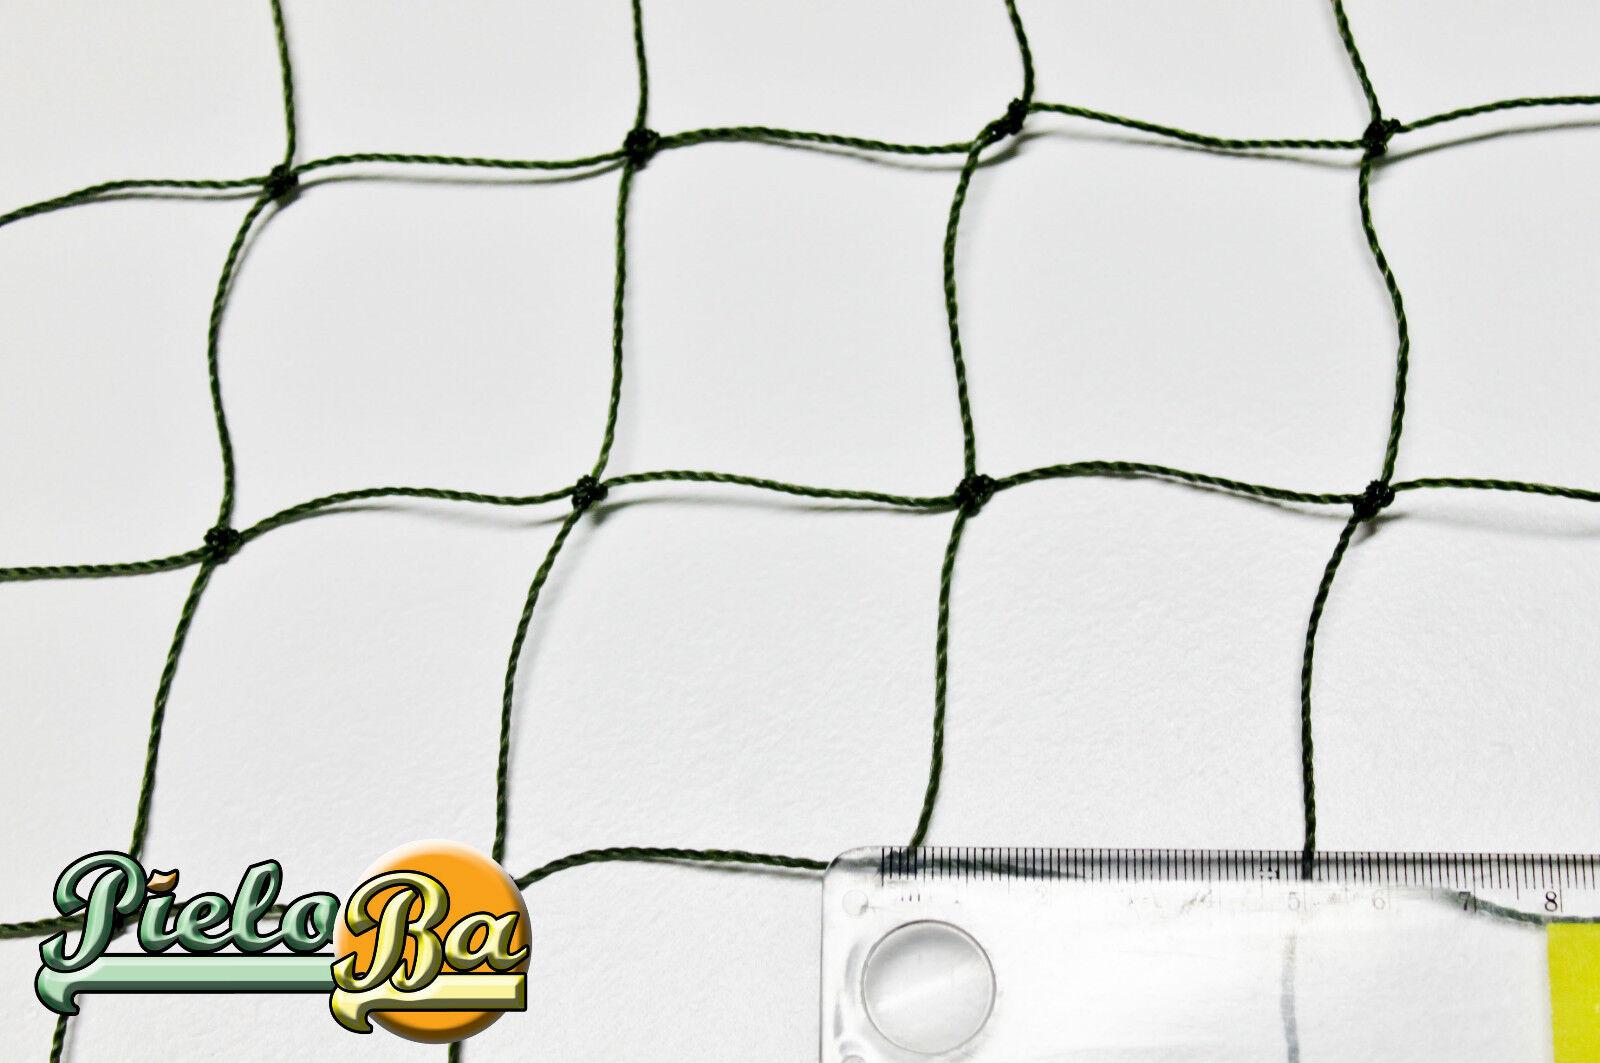 Teichnetz Netz Teichschutznetz  6 m x 85 m   Masche 5 cm Volierennetz oliv